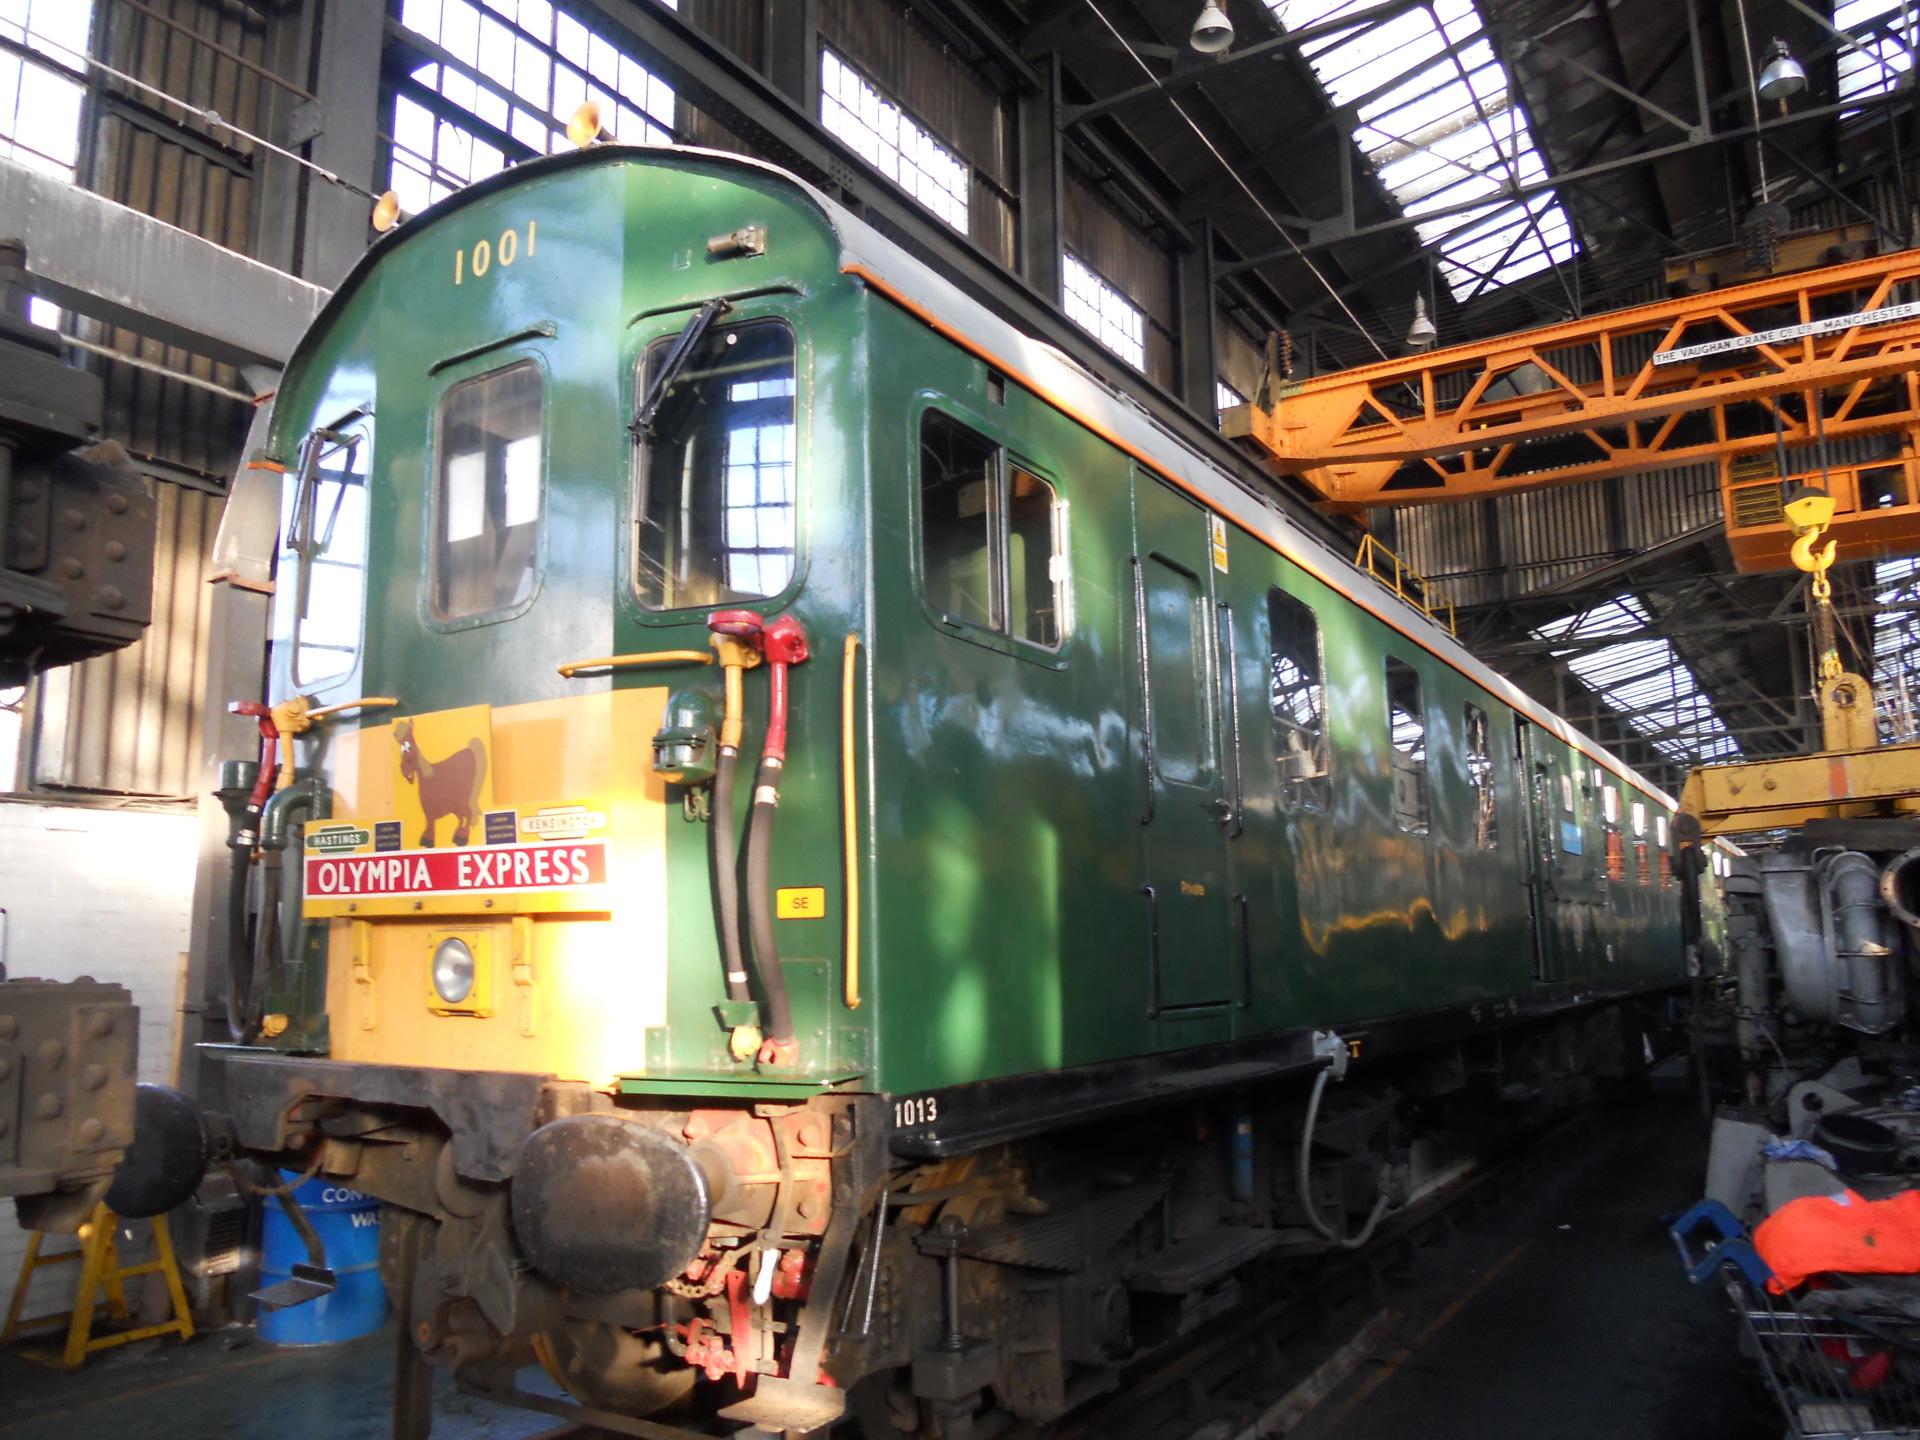 The Train........